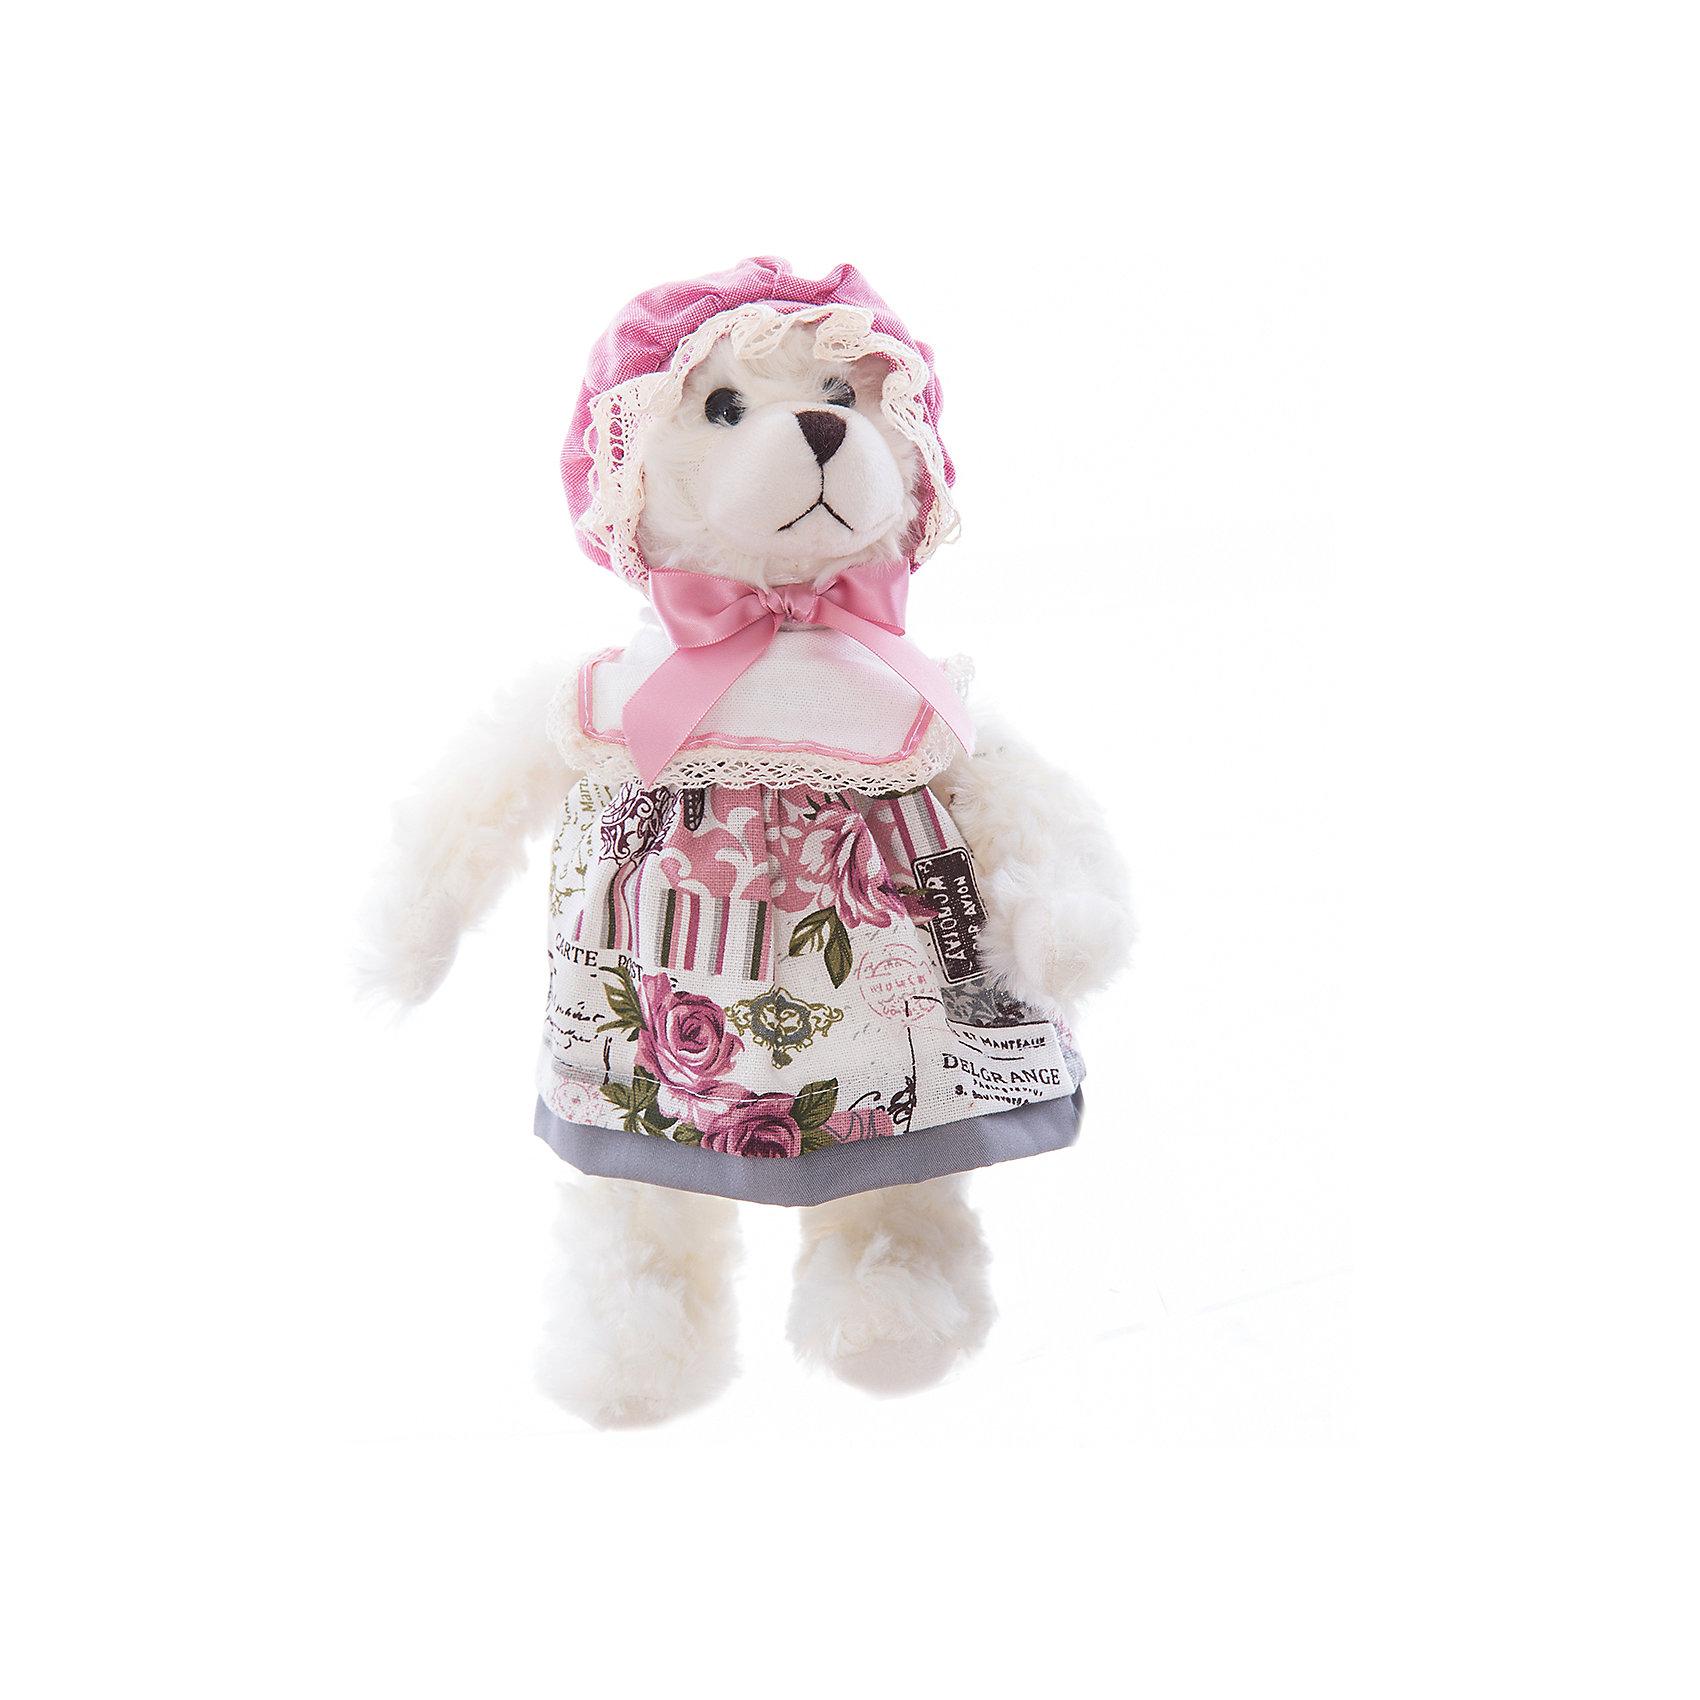 Интерьерная кукла Мишка C21-128273, EstroДетские предметы интерьера<br>Характеристики интерьерной куклы:<br><br>- размеры (высота): 30 см. <br>- тип игрушки: животные, мягкая игрушка<br>- персонаж: медведь <br>- вид упаковки: коробка<br>- возрастные ограничения: 3+<br>- комплектация: игрушка <br>- состав: 100% полиэстр, набивка — полиэфирное волокно, платье — текстиль, без механизма.<br>- материал изготовления: высококачественный пластик, полиэстер, ткань<br>- стиль: классический, прованс<br>- бренд: Estro <br>- страна бренда: Италия<br>- страна производитель: Китай<br><br>Превосходный интерьерная кукла Медведь торговой марки Estro будет прекрасным решением для домашнего интерьера. Эта вещь будет удачным приобретением для Вашей квартиры или презентом на свадьбу. Внешний вид интерьерная куклы основательно проработан. Все составляющие аккуратно выбраны и хорошо подходят друг к другу. <br><br>Интерьерную куклу медвежонок итальянской торговой марки Estro можно купить в нашем интернет-магазине.<br><br>Ширина мм: 100<br>Глубина мм: 100<br>Высота мм: 300<br>Вес г: 180<br>Возраст от месяцев: 36<br>Возраст до месяцев: 1188<br>Пол: Женский<br>Возраст: Детский<br>SKU: 5356617